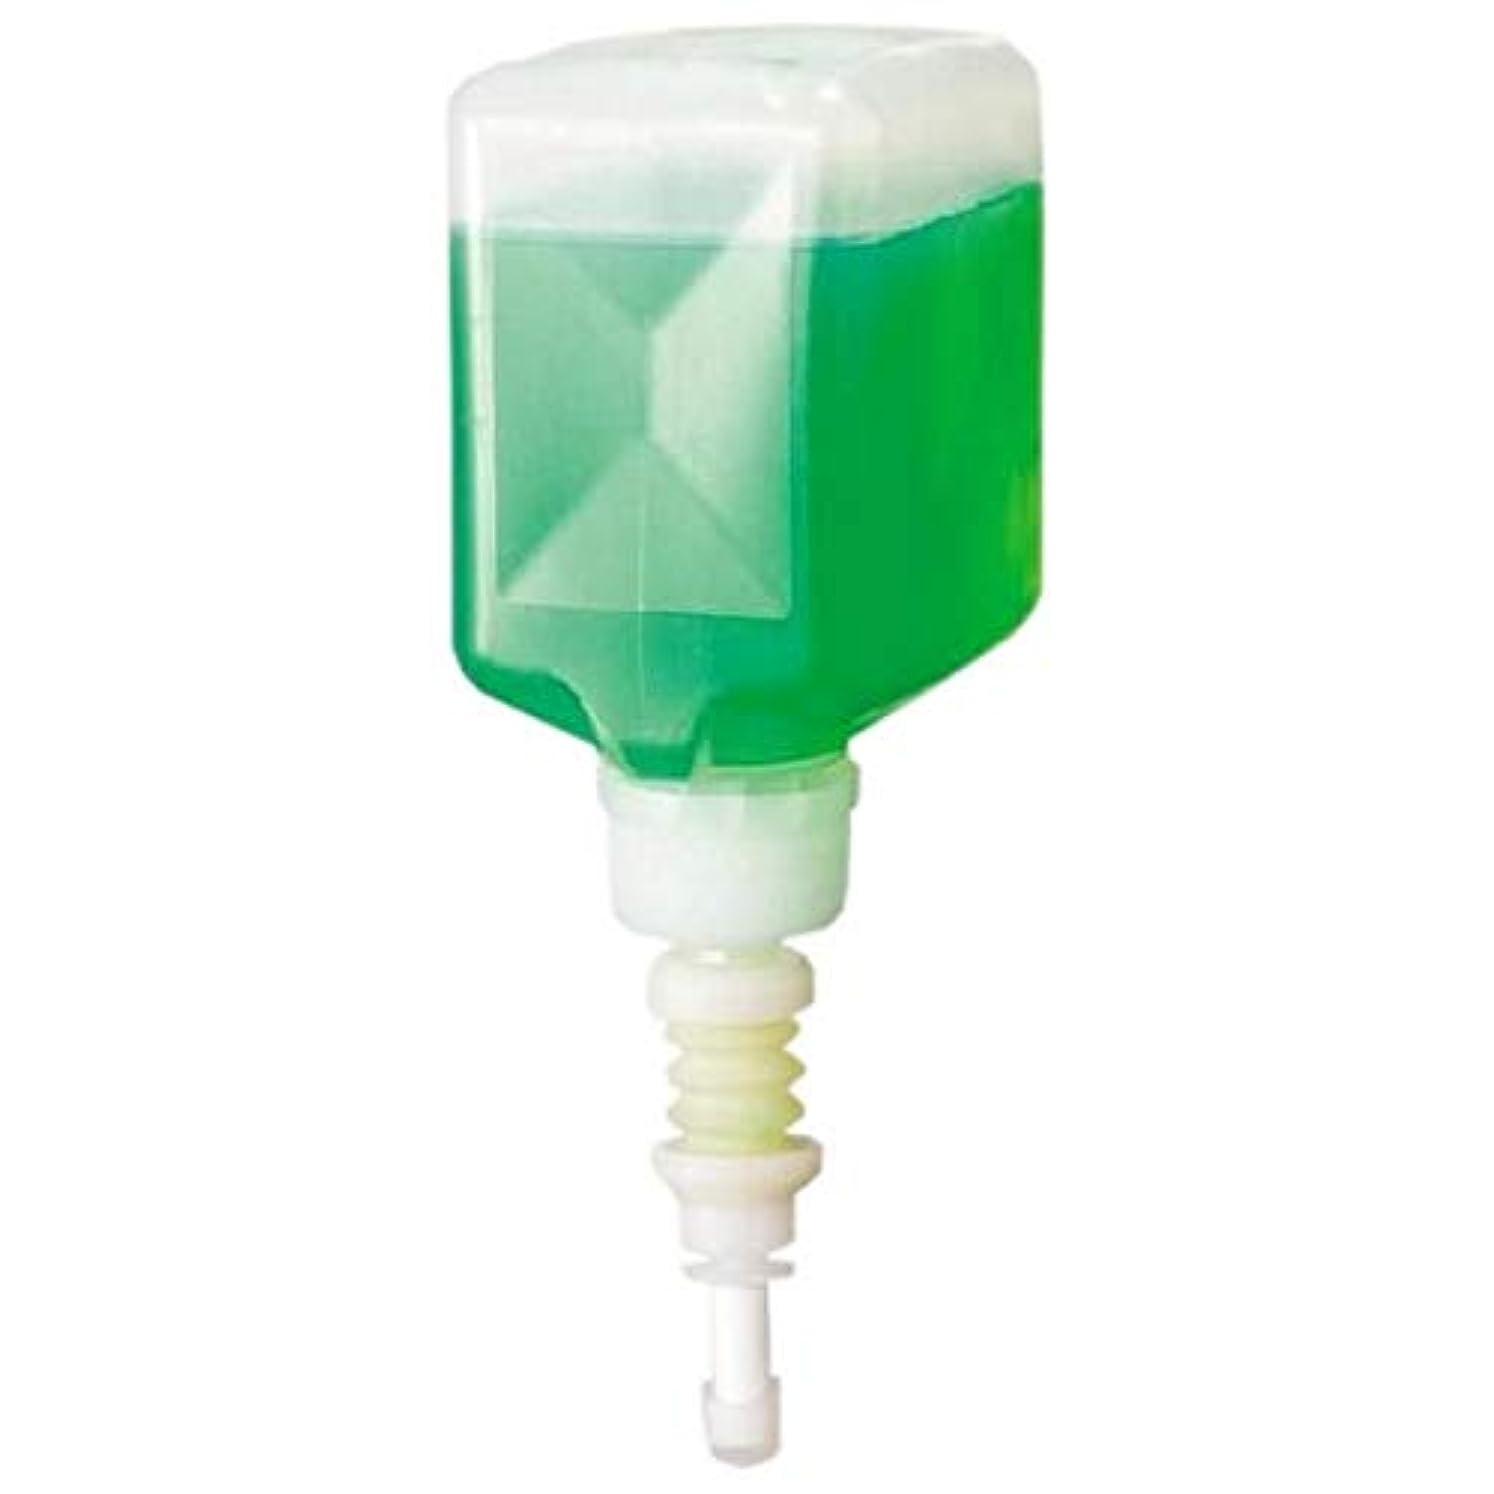 溶かす小説砲兵スタイルデコ シャボネット石けん液Fデコ専用薬液 緑色